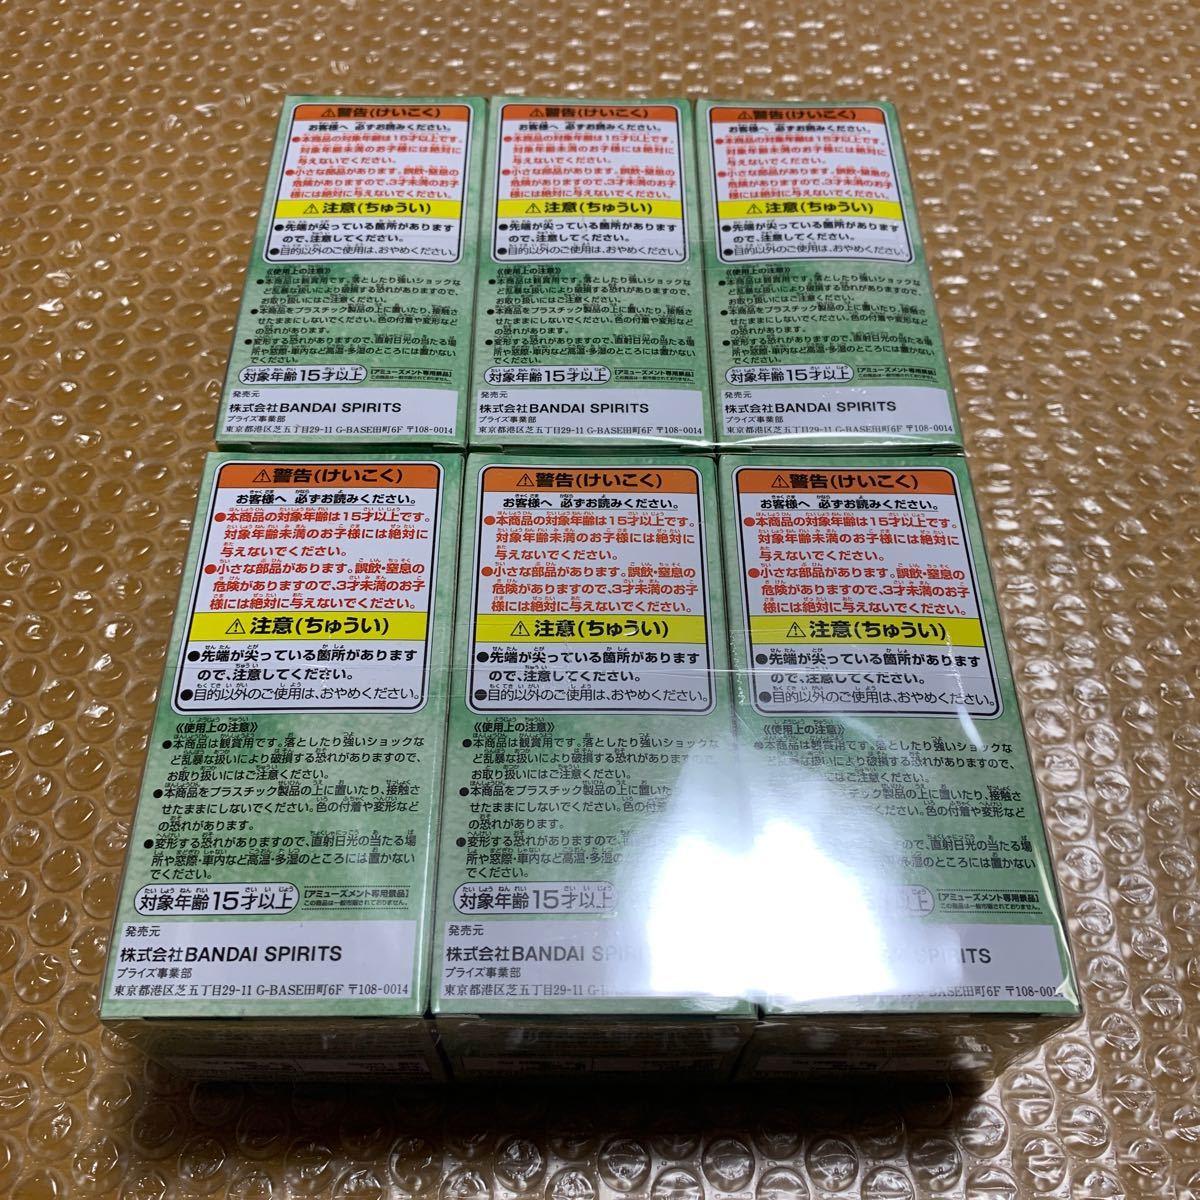 ワンピース ワールドコレクタブル フィギュア ワノ国5 6種セット